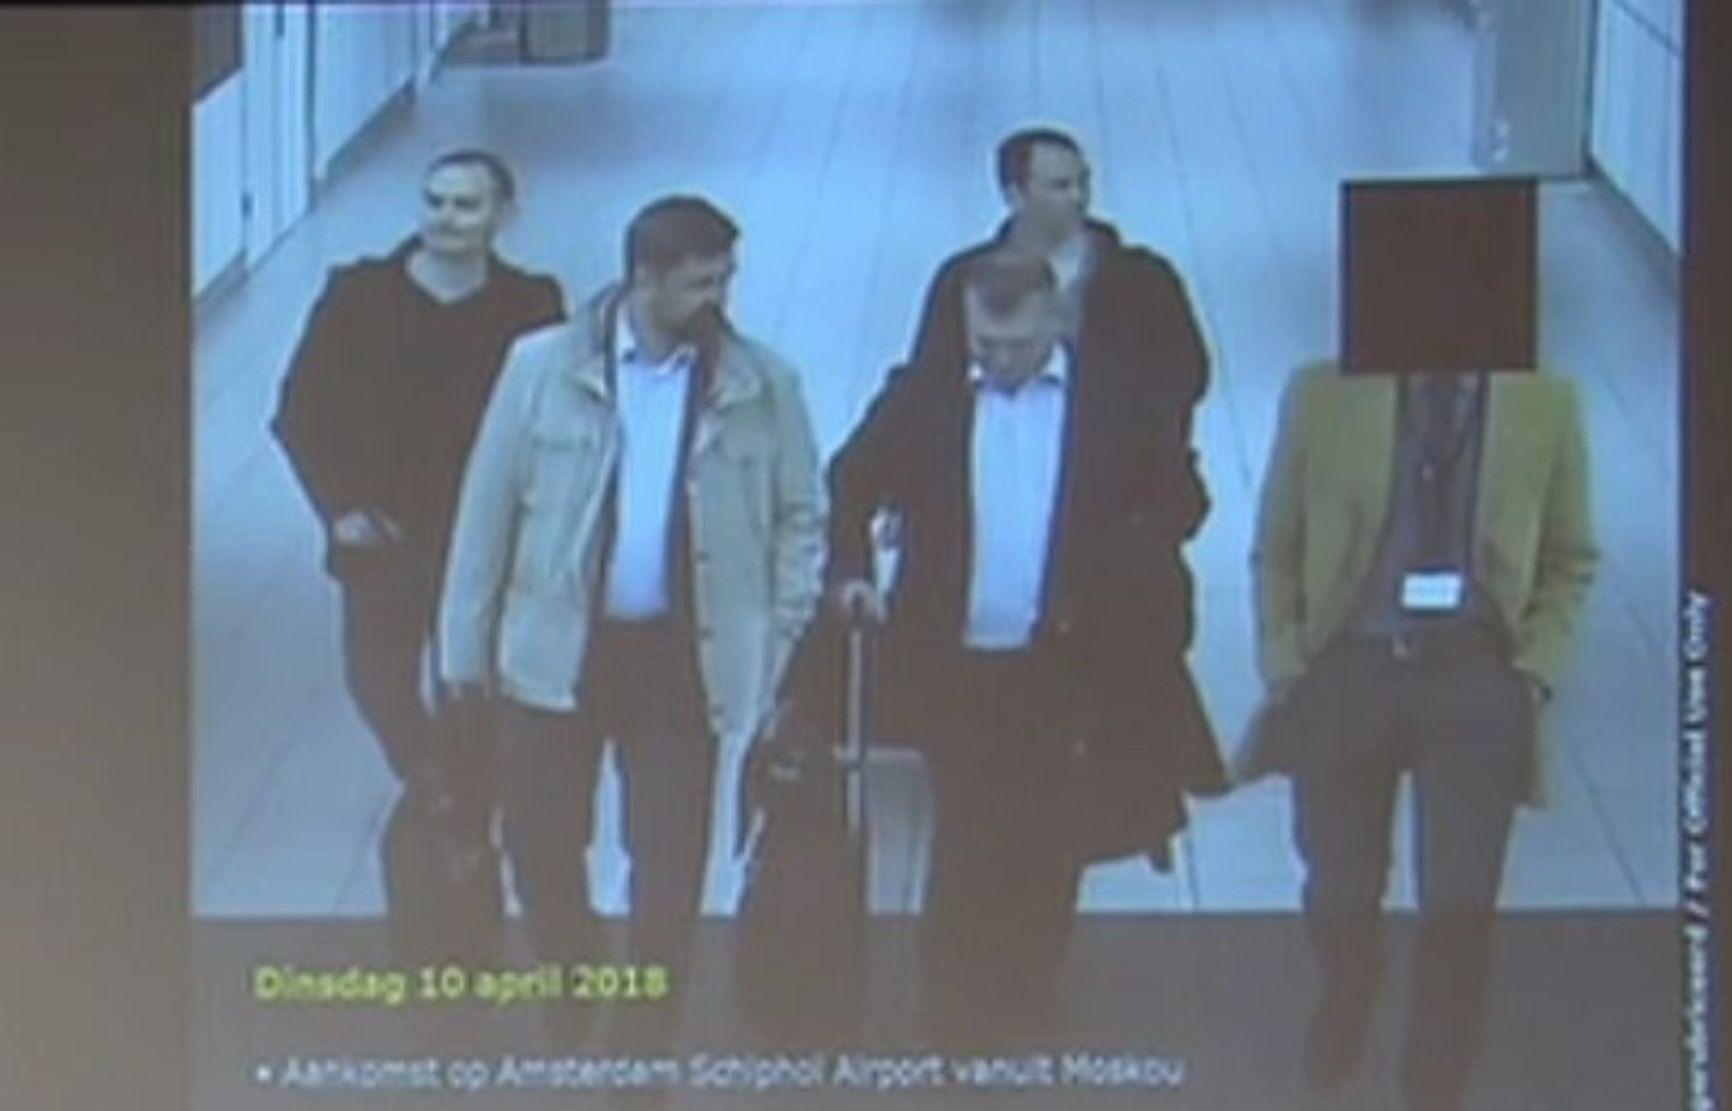 Alexei Morenets, Evgeny Serebryakov, Oleg Sotnikov and Alexei Minin